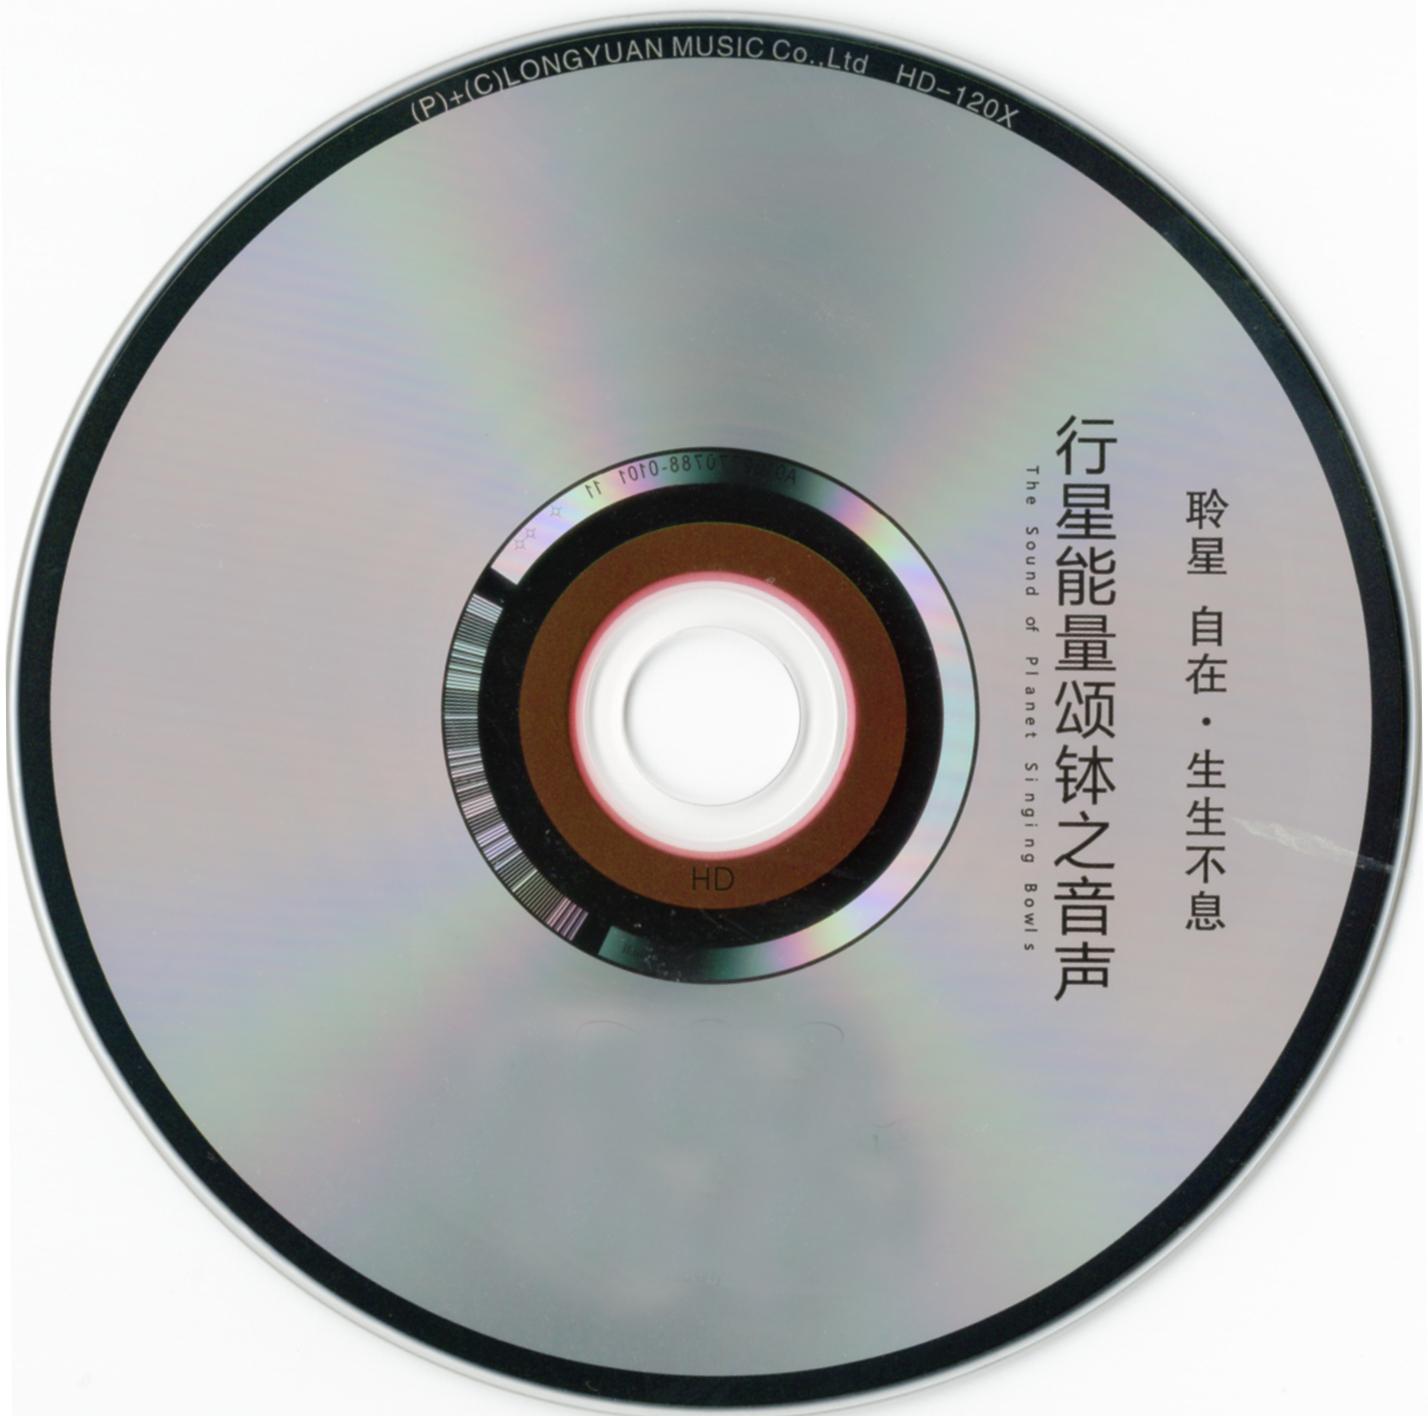 佛教CD 成本结缘 行星能量颂钵之音声 聆星 自在 生生不息